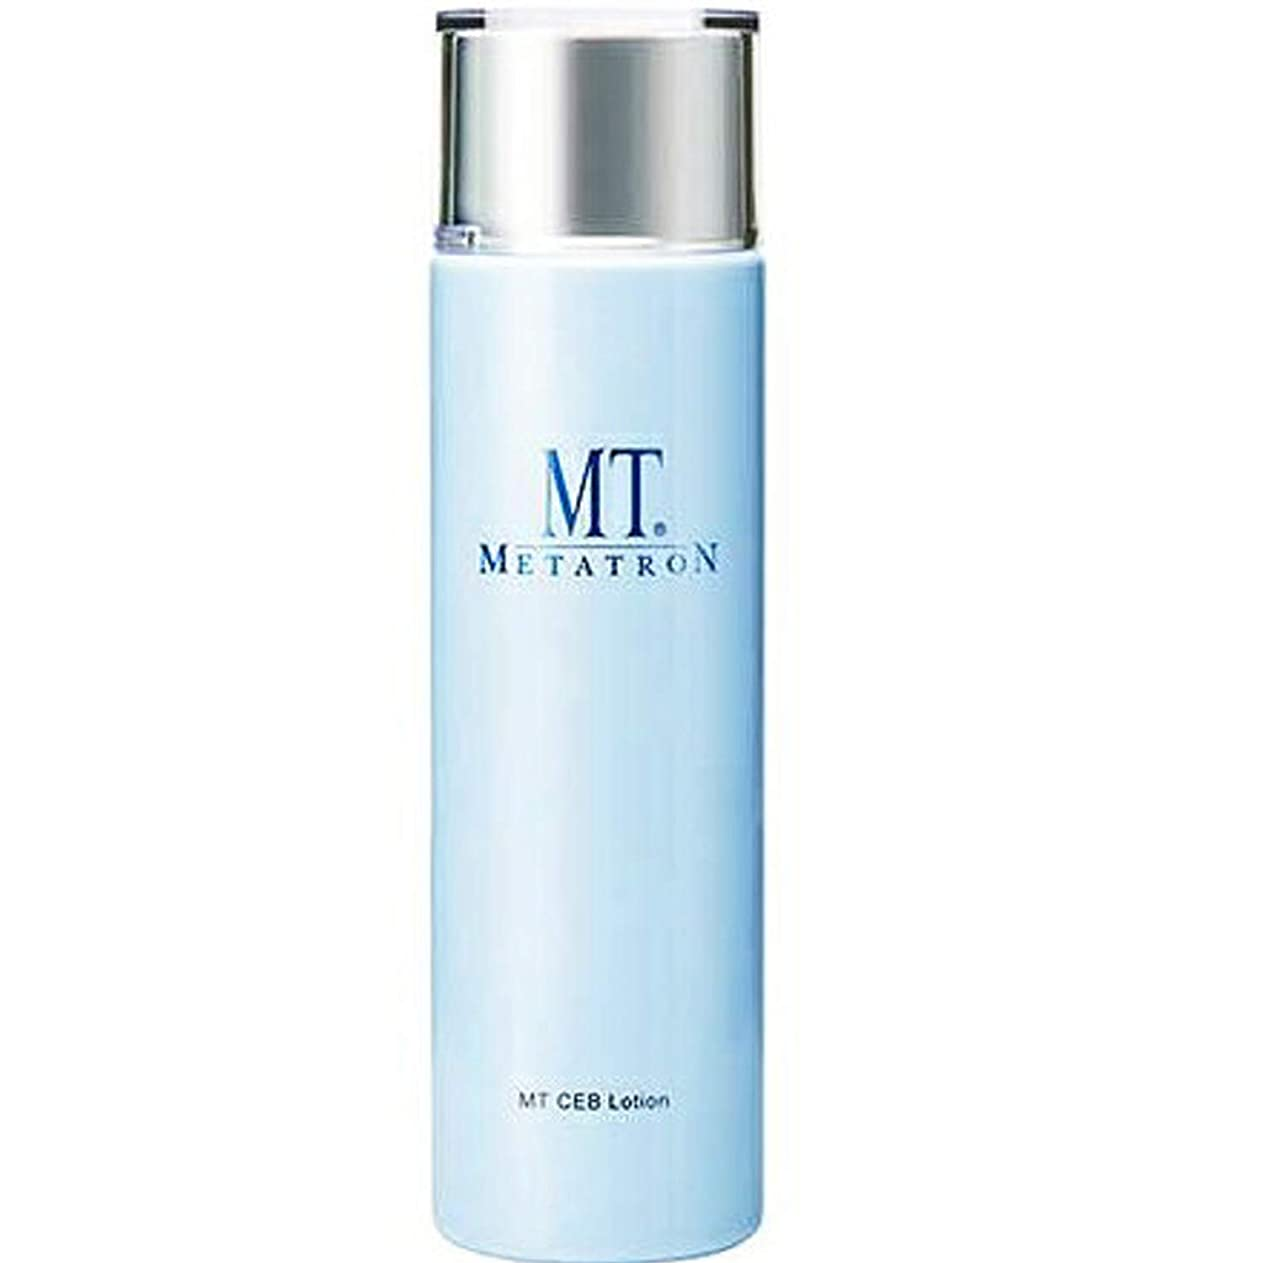 喜んでモチーフその結果MTメタトロン MT CEB ローション 150mL 化粧水